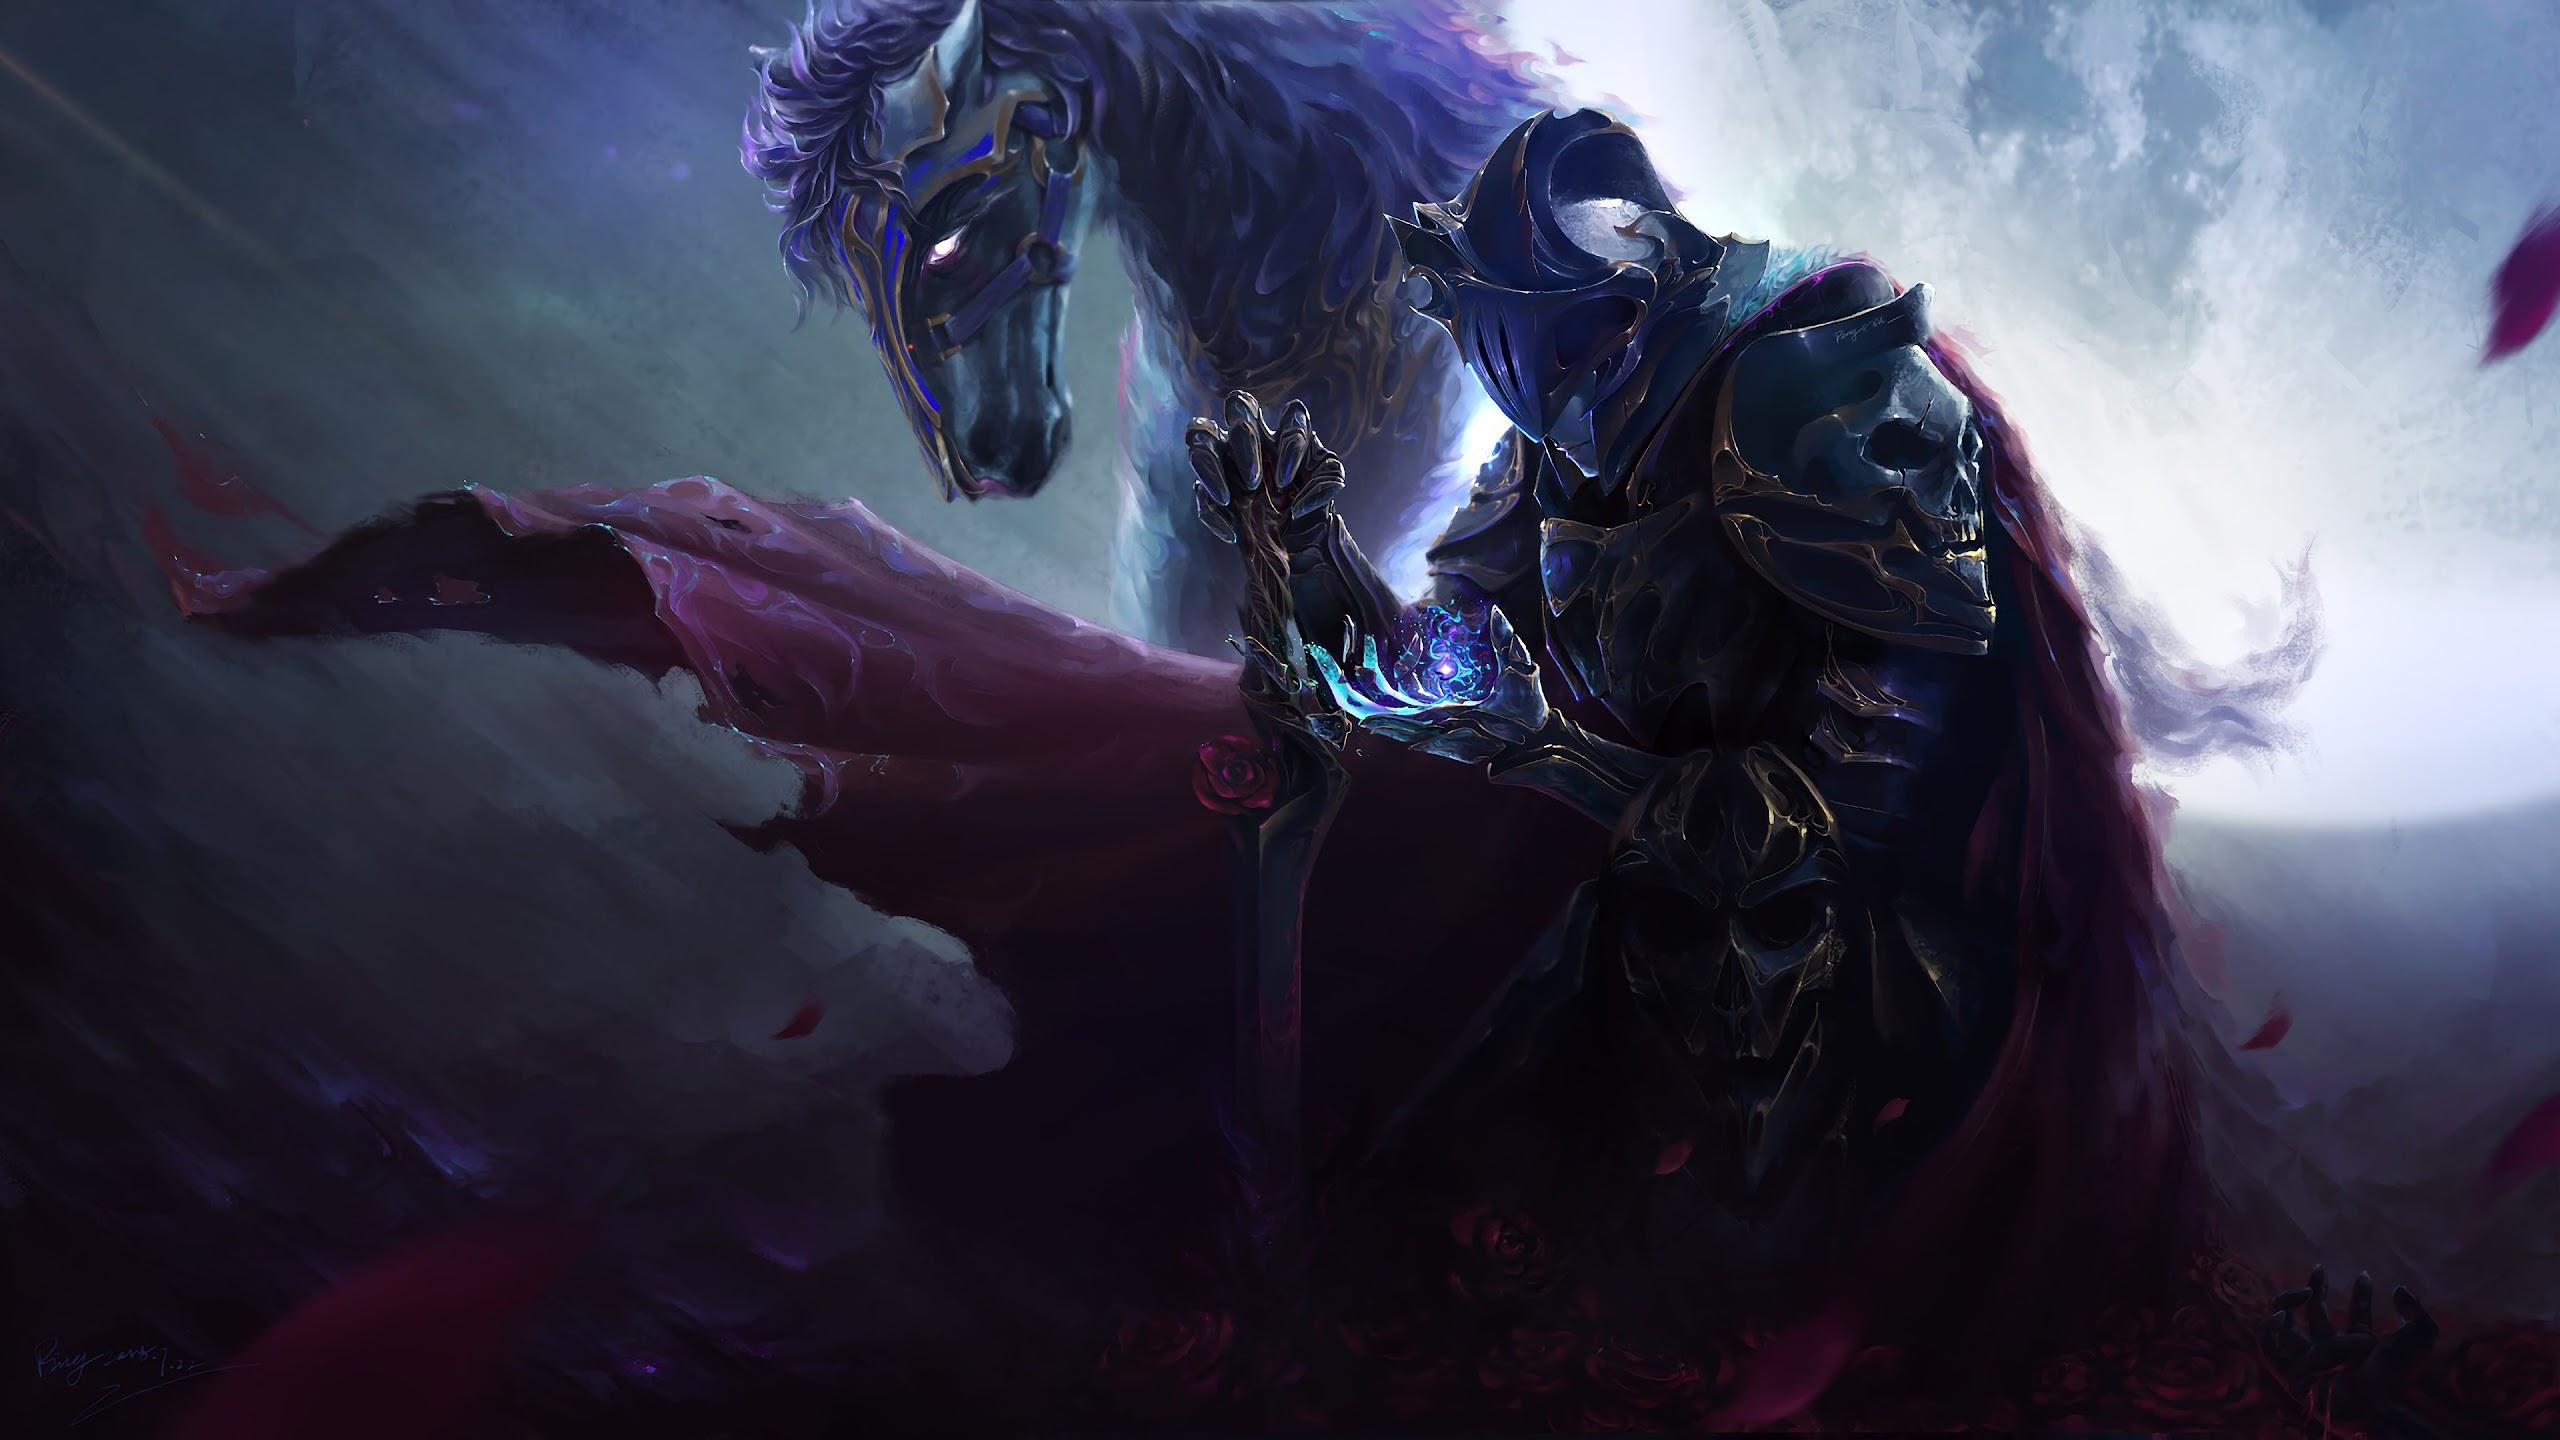 Dark Knight Warrior Sword Horse Fantasy 4k Wallpaper 96